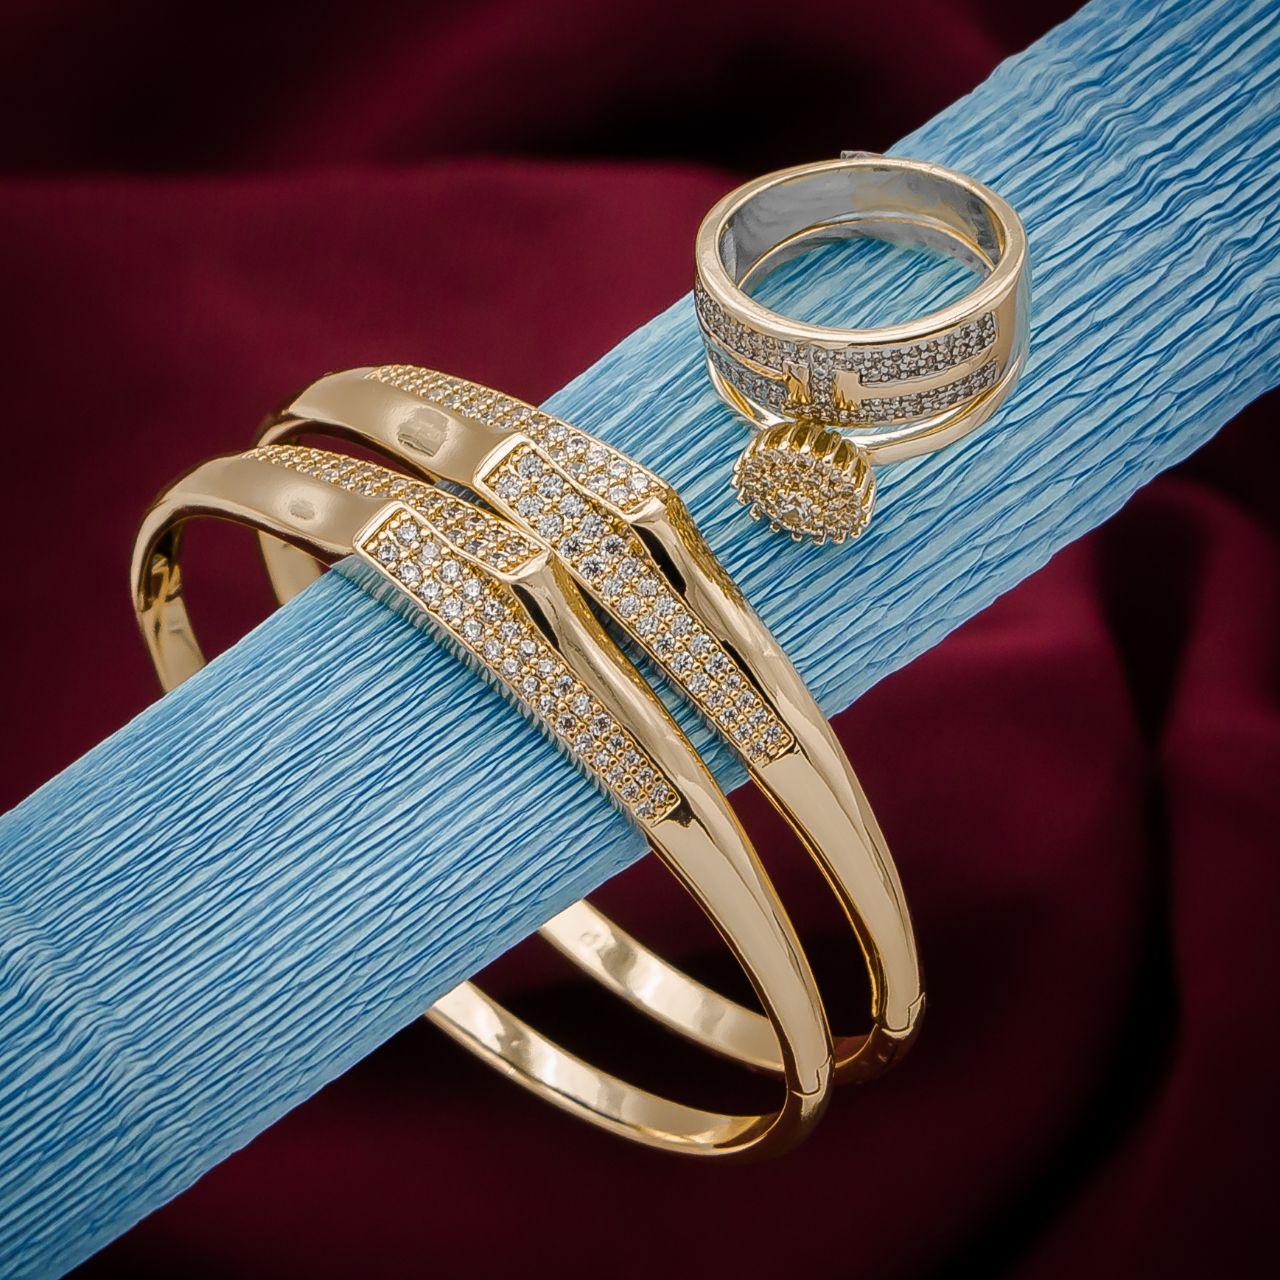 مجموعة الفخامة 2 تتكون من 2 براسلي وخاتم + علبة واقية بالمجان